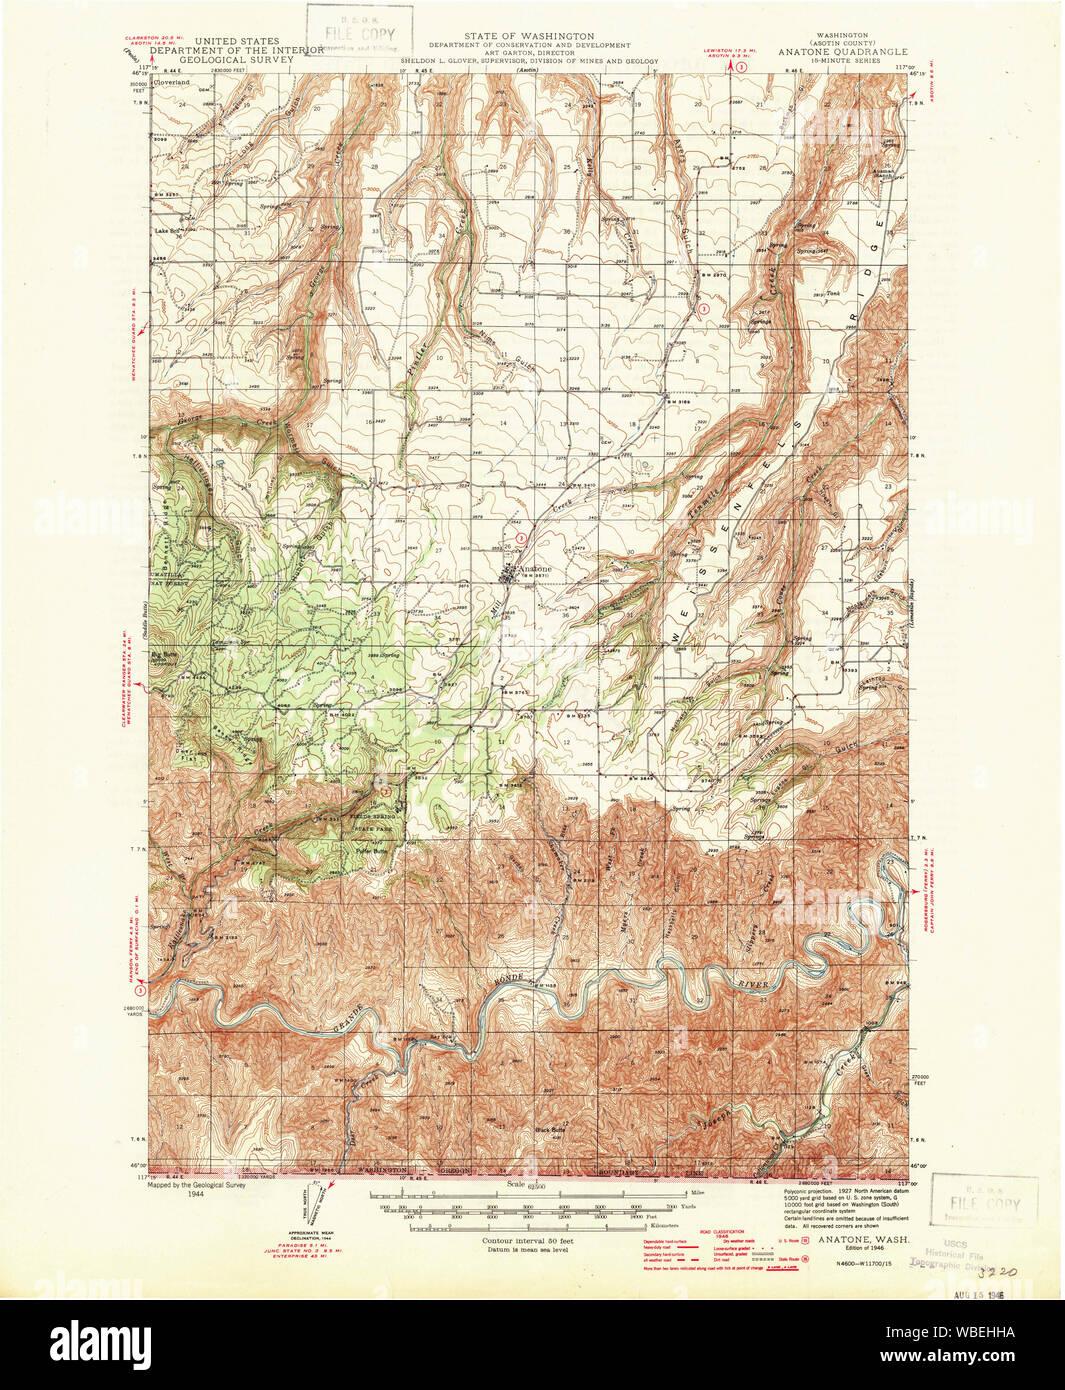 USGS Topo Map Washington State WA Anatone 239820 1946 62500 ... Geological Map Of Washington State on ancient map of washington state, detailed map of washington state, map of volcanoes in washington state, soil map of washington state, topological map of washington state, geological features in washington, northwest coast of washington state, geographic center of washington state, geographical map of washington state, rock map of washington state, precipitation in washington state, recreational map of washington state, historical landslides in washington state, geological maps of nebraska with legend, agenda 21 map washington state, mineral map of washington state, forest map of washington state, geologic features of washington state, gold creeks of washington state, thematic map of washington state,